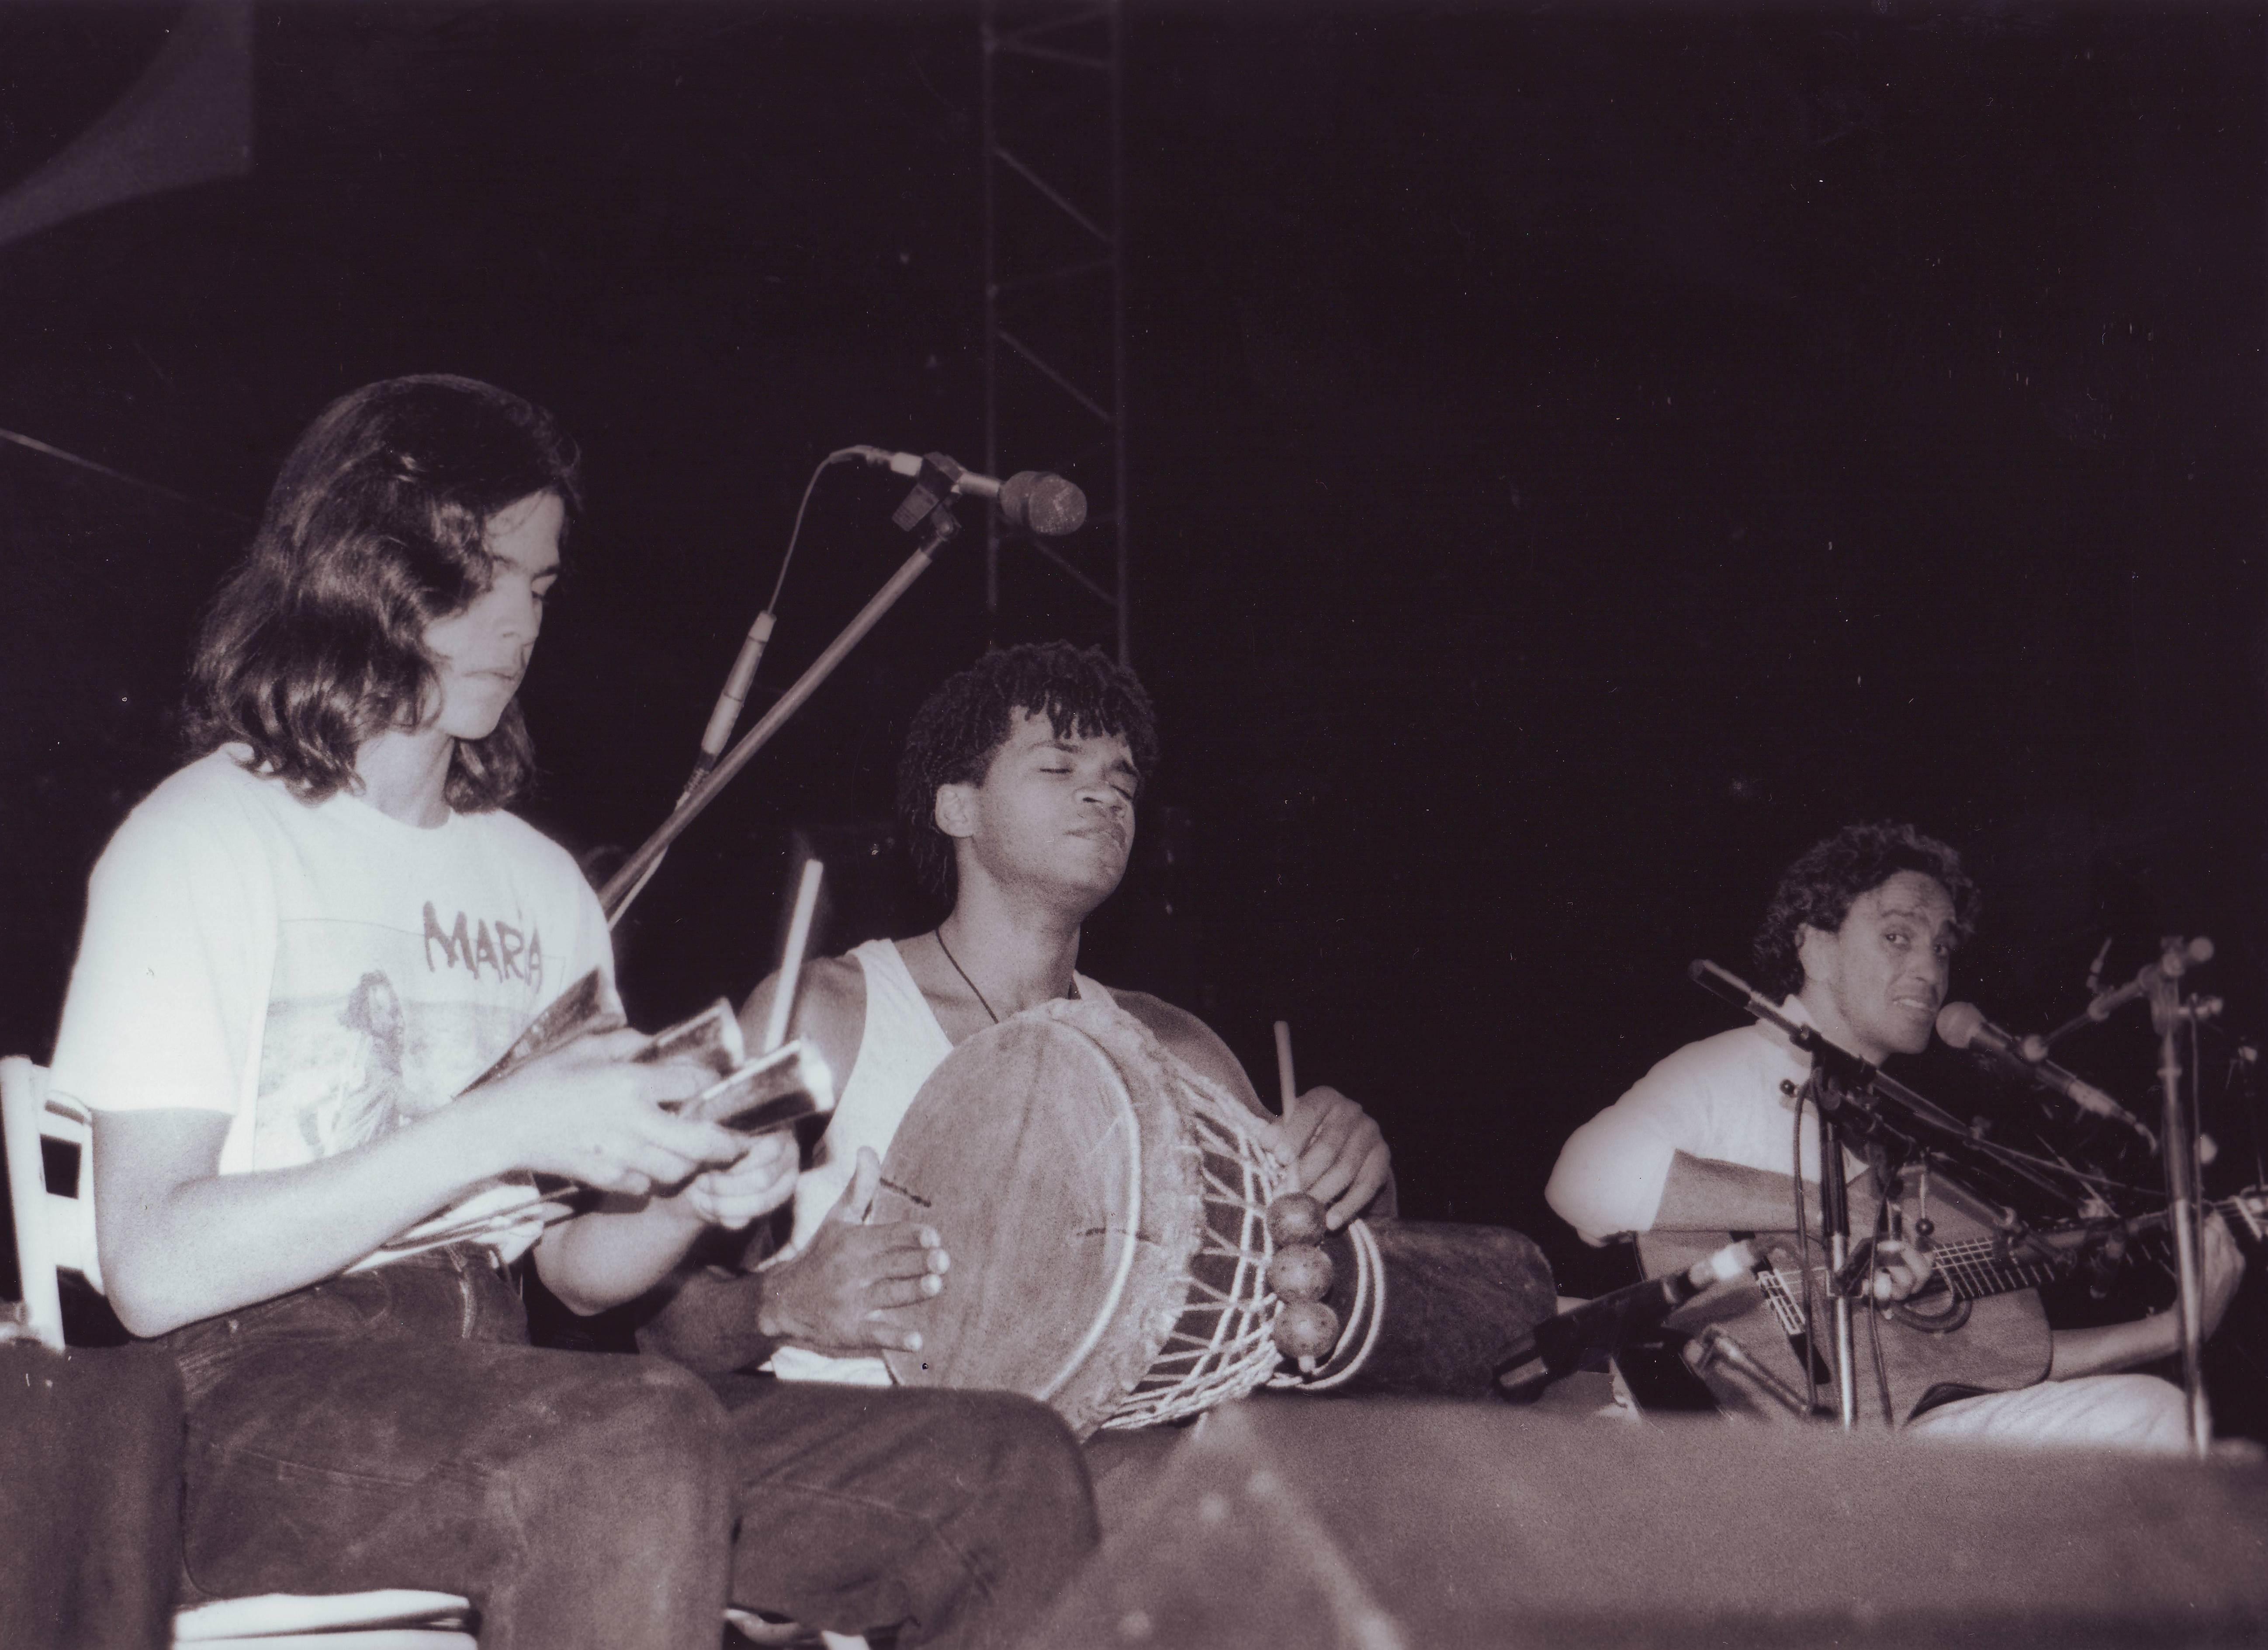 Carlinhos Brown, Caetano Veloso e Moreno – Turne Estrangeiro 1989